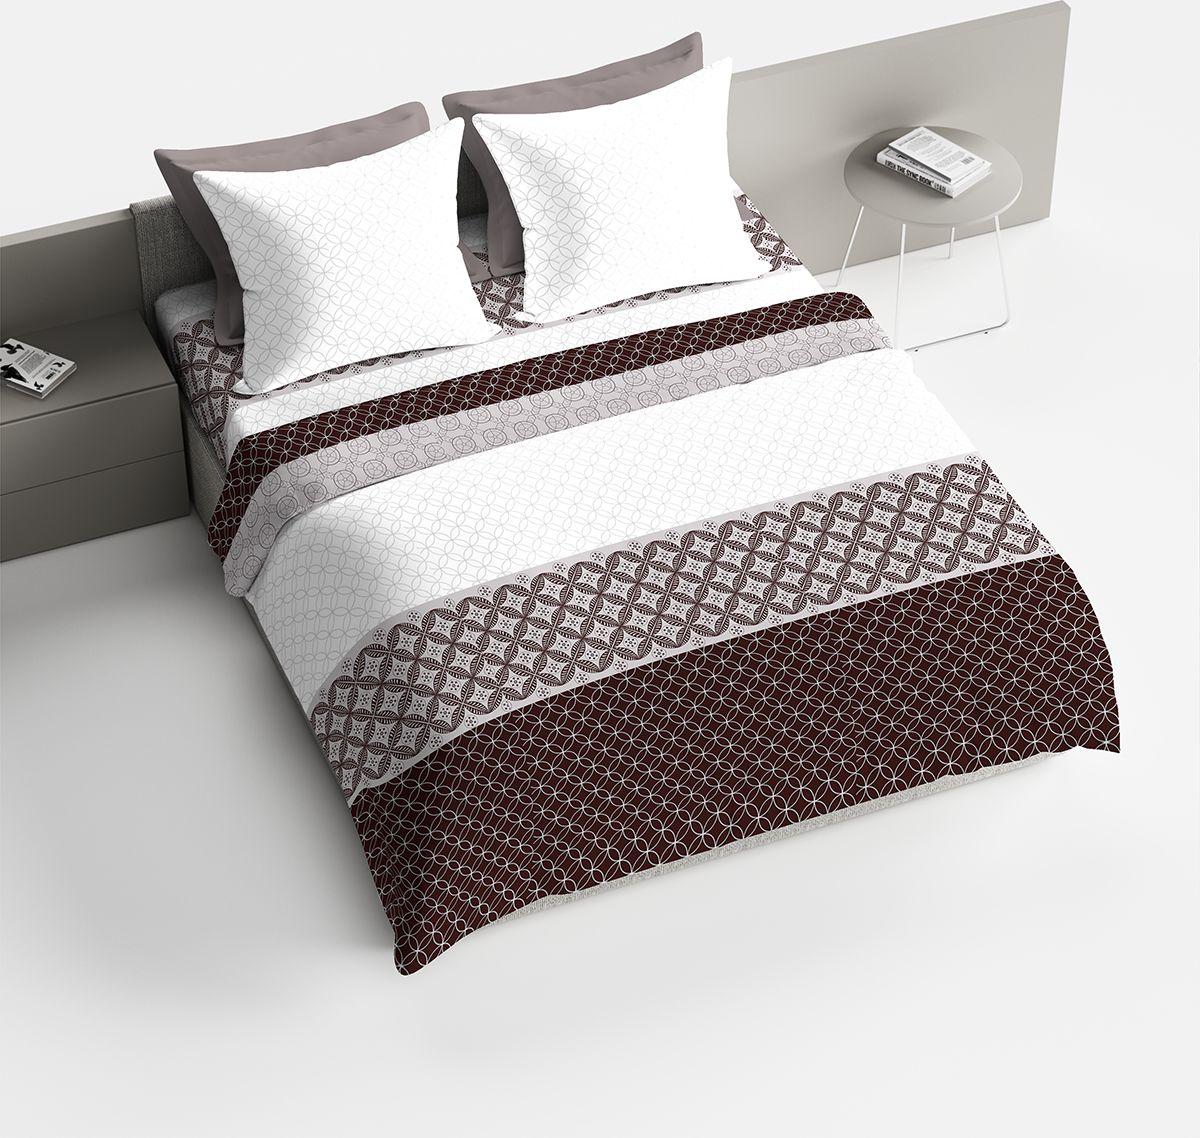 Комплект белья Браво Мокко, 1,5 спальное, наволочки 70x70, цвет: коричневый. 4077-187737